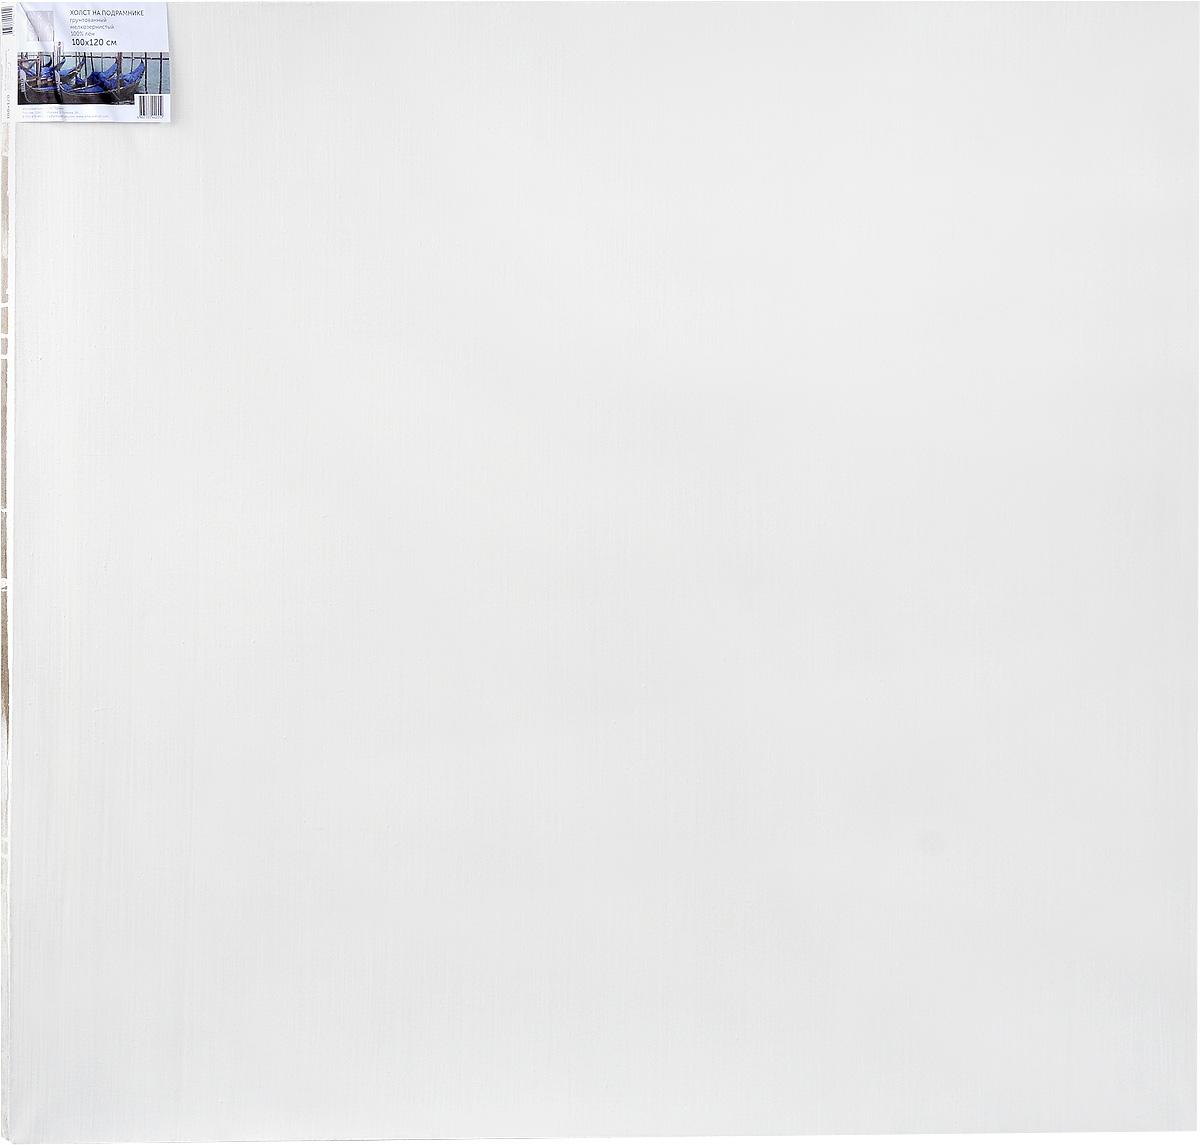 Холст ArtQuaDram Мелкозернистый на подрамнике, грунтованный, 100 х 120 смТ0003812Холст на деревянном подрамнике ArtQuaDram Мелкозернистый изготовлен из 100% натурального льна. Подходит для профессионалов и художников. Холст не трескается, не впитывает слишком много краски, цвет краски и качество не изменяются. Холст идеально подходит для масляной и акриловой живописи.